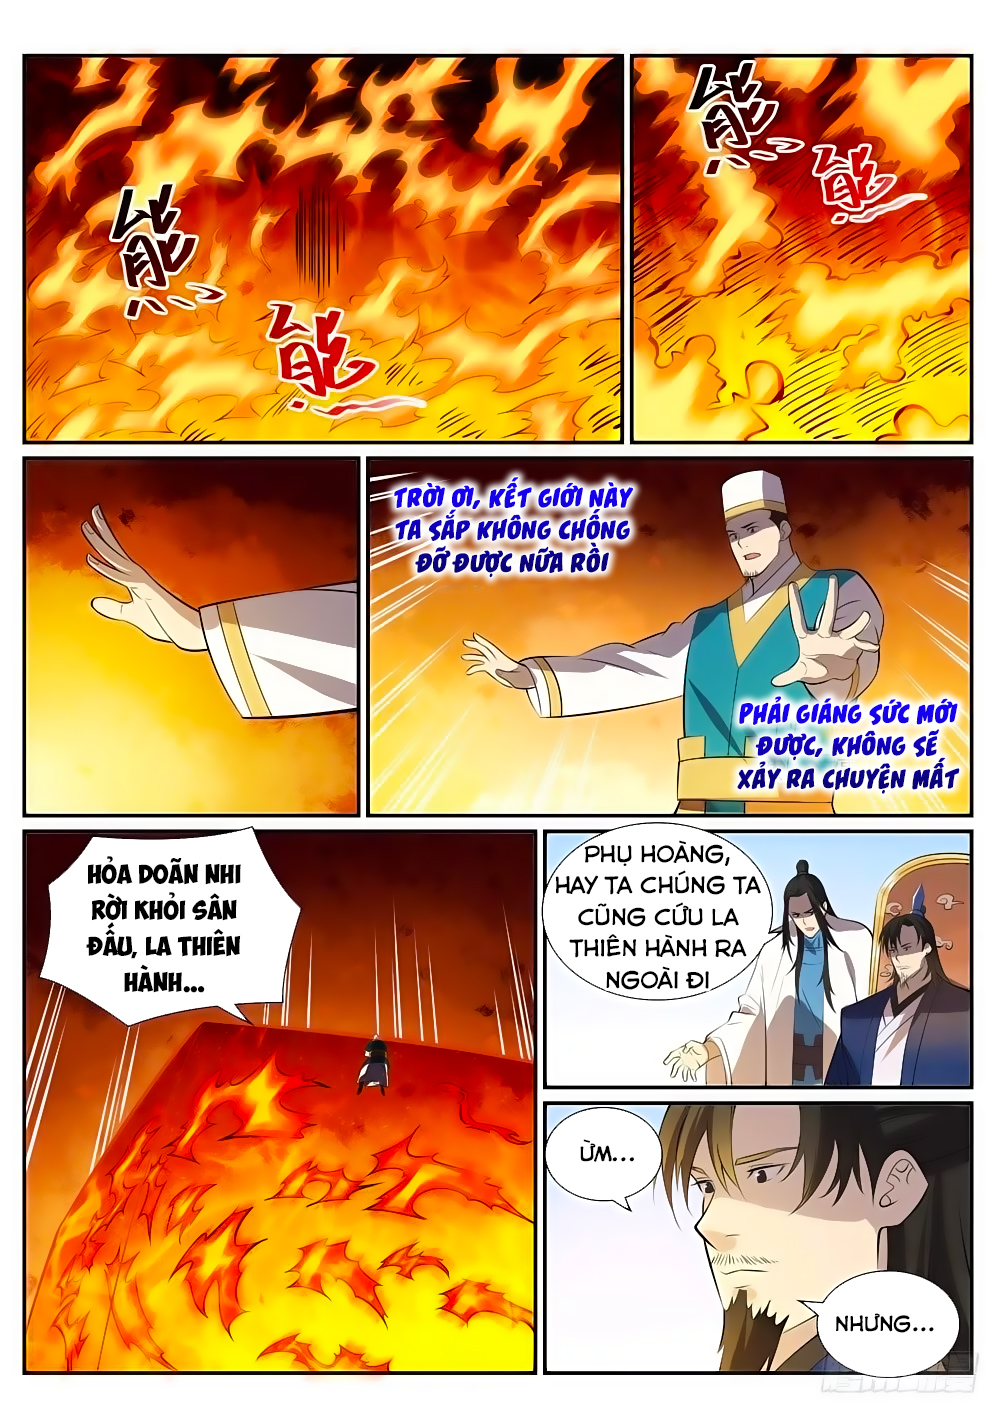 Bách Luyện Thành Thần Chapter 388 video - Hamtruyen.vn